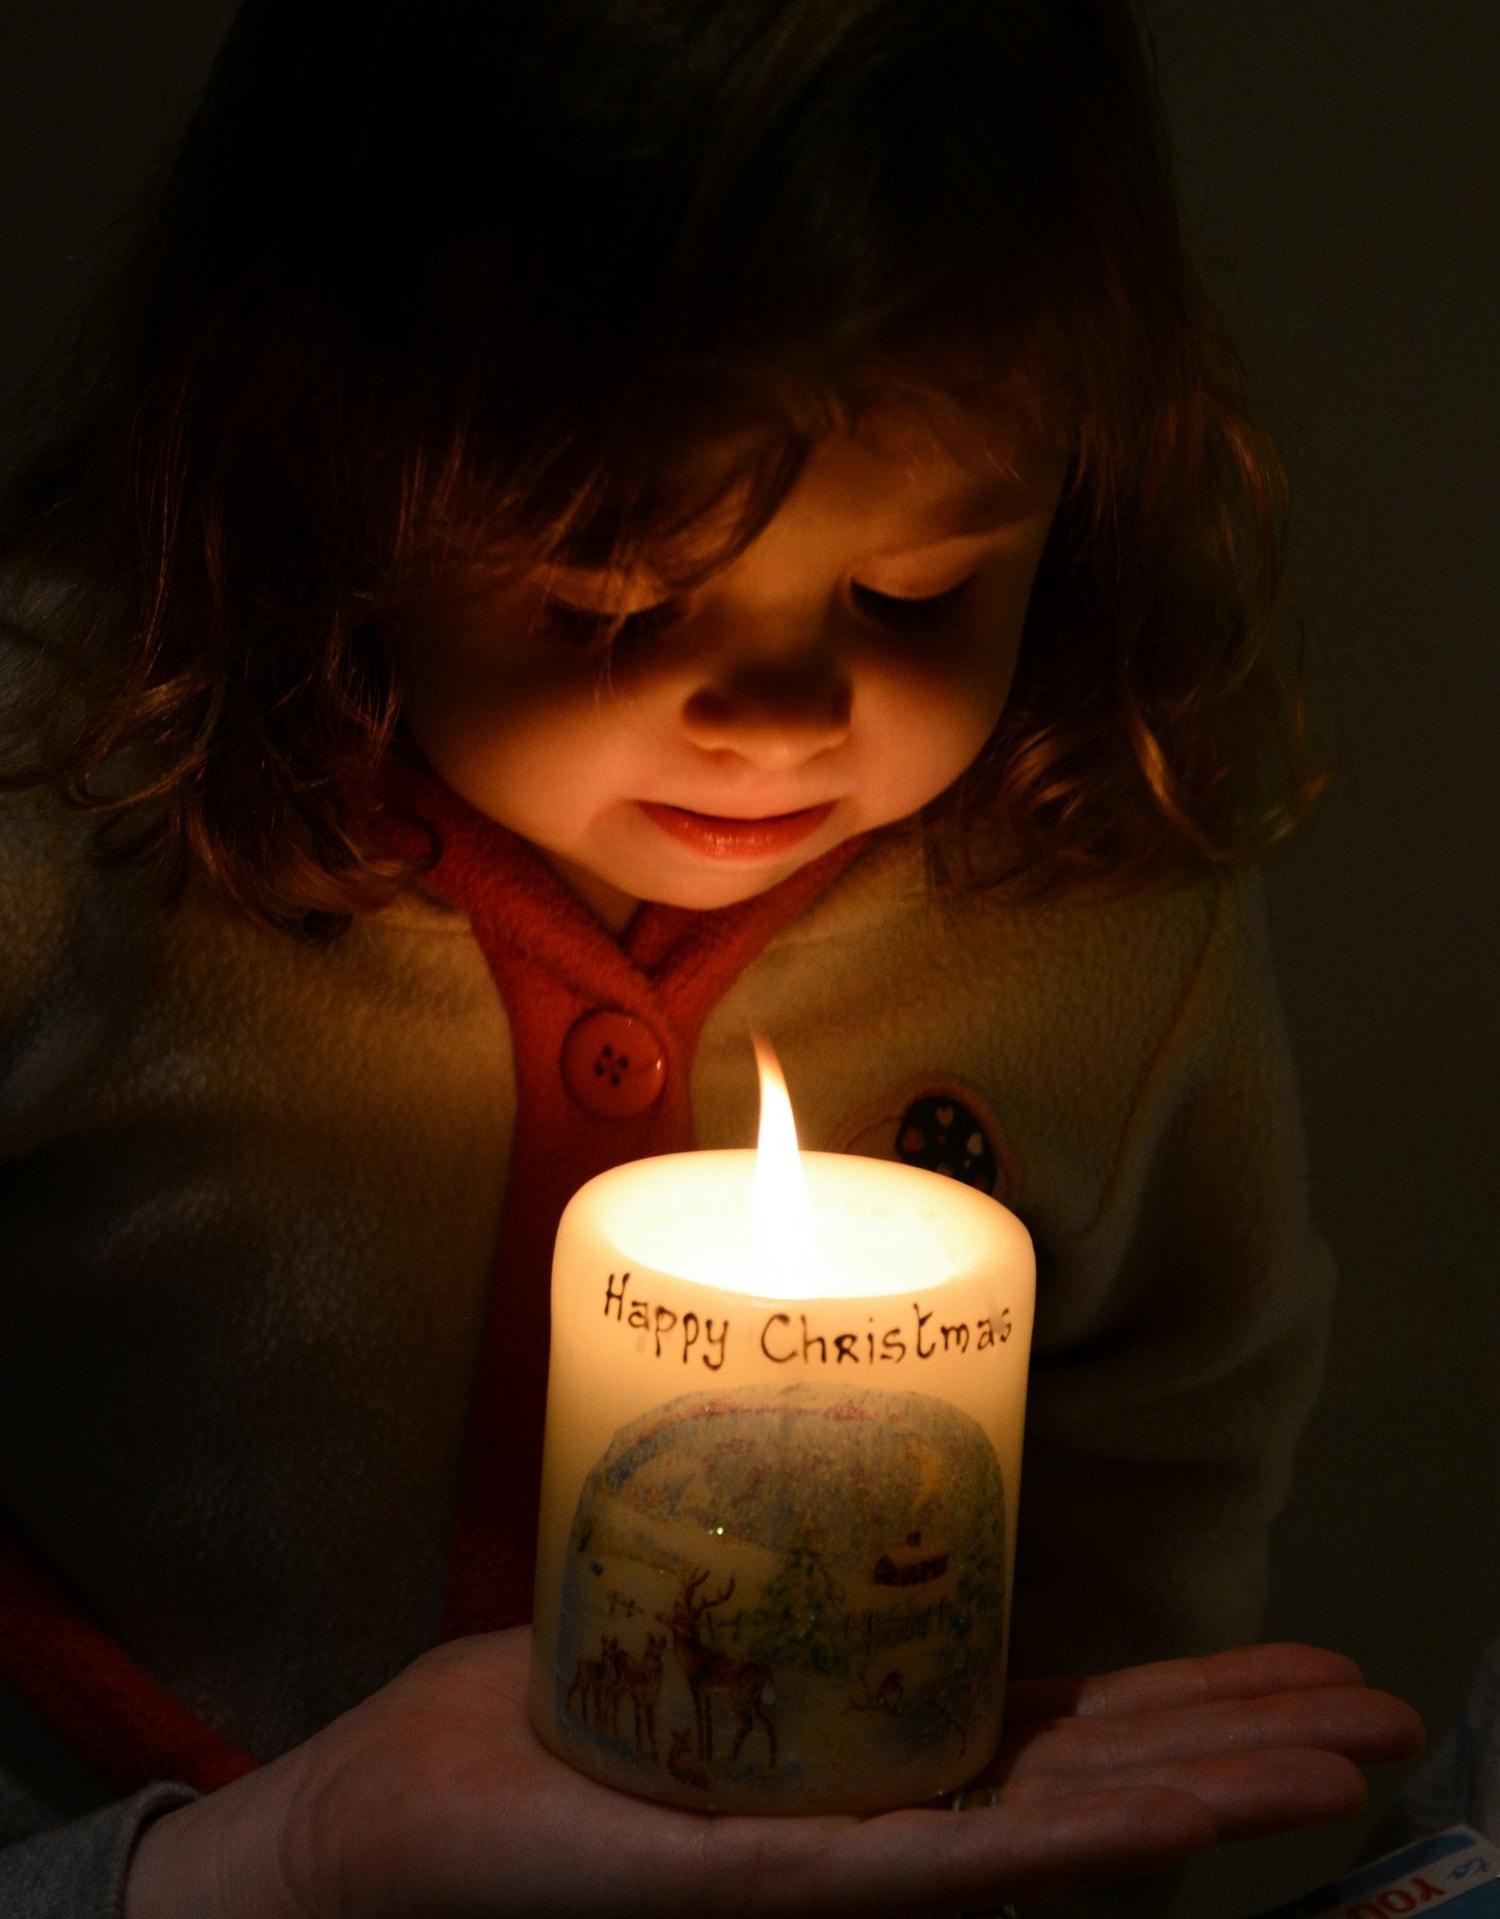 A la luz de las velas todo parece más mágico